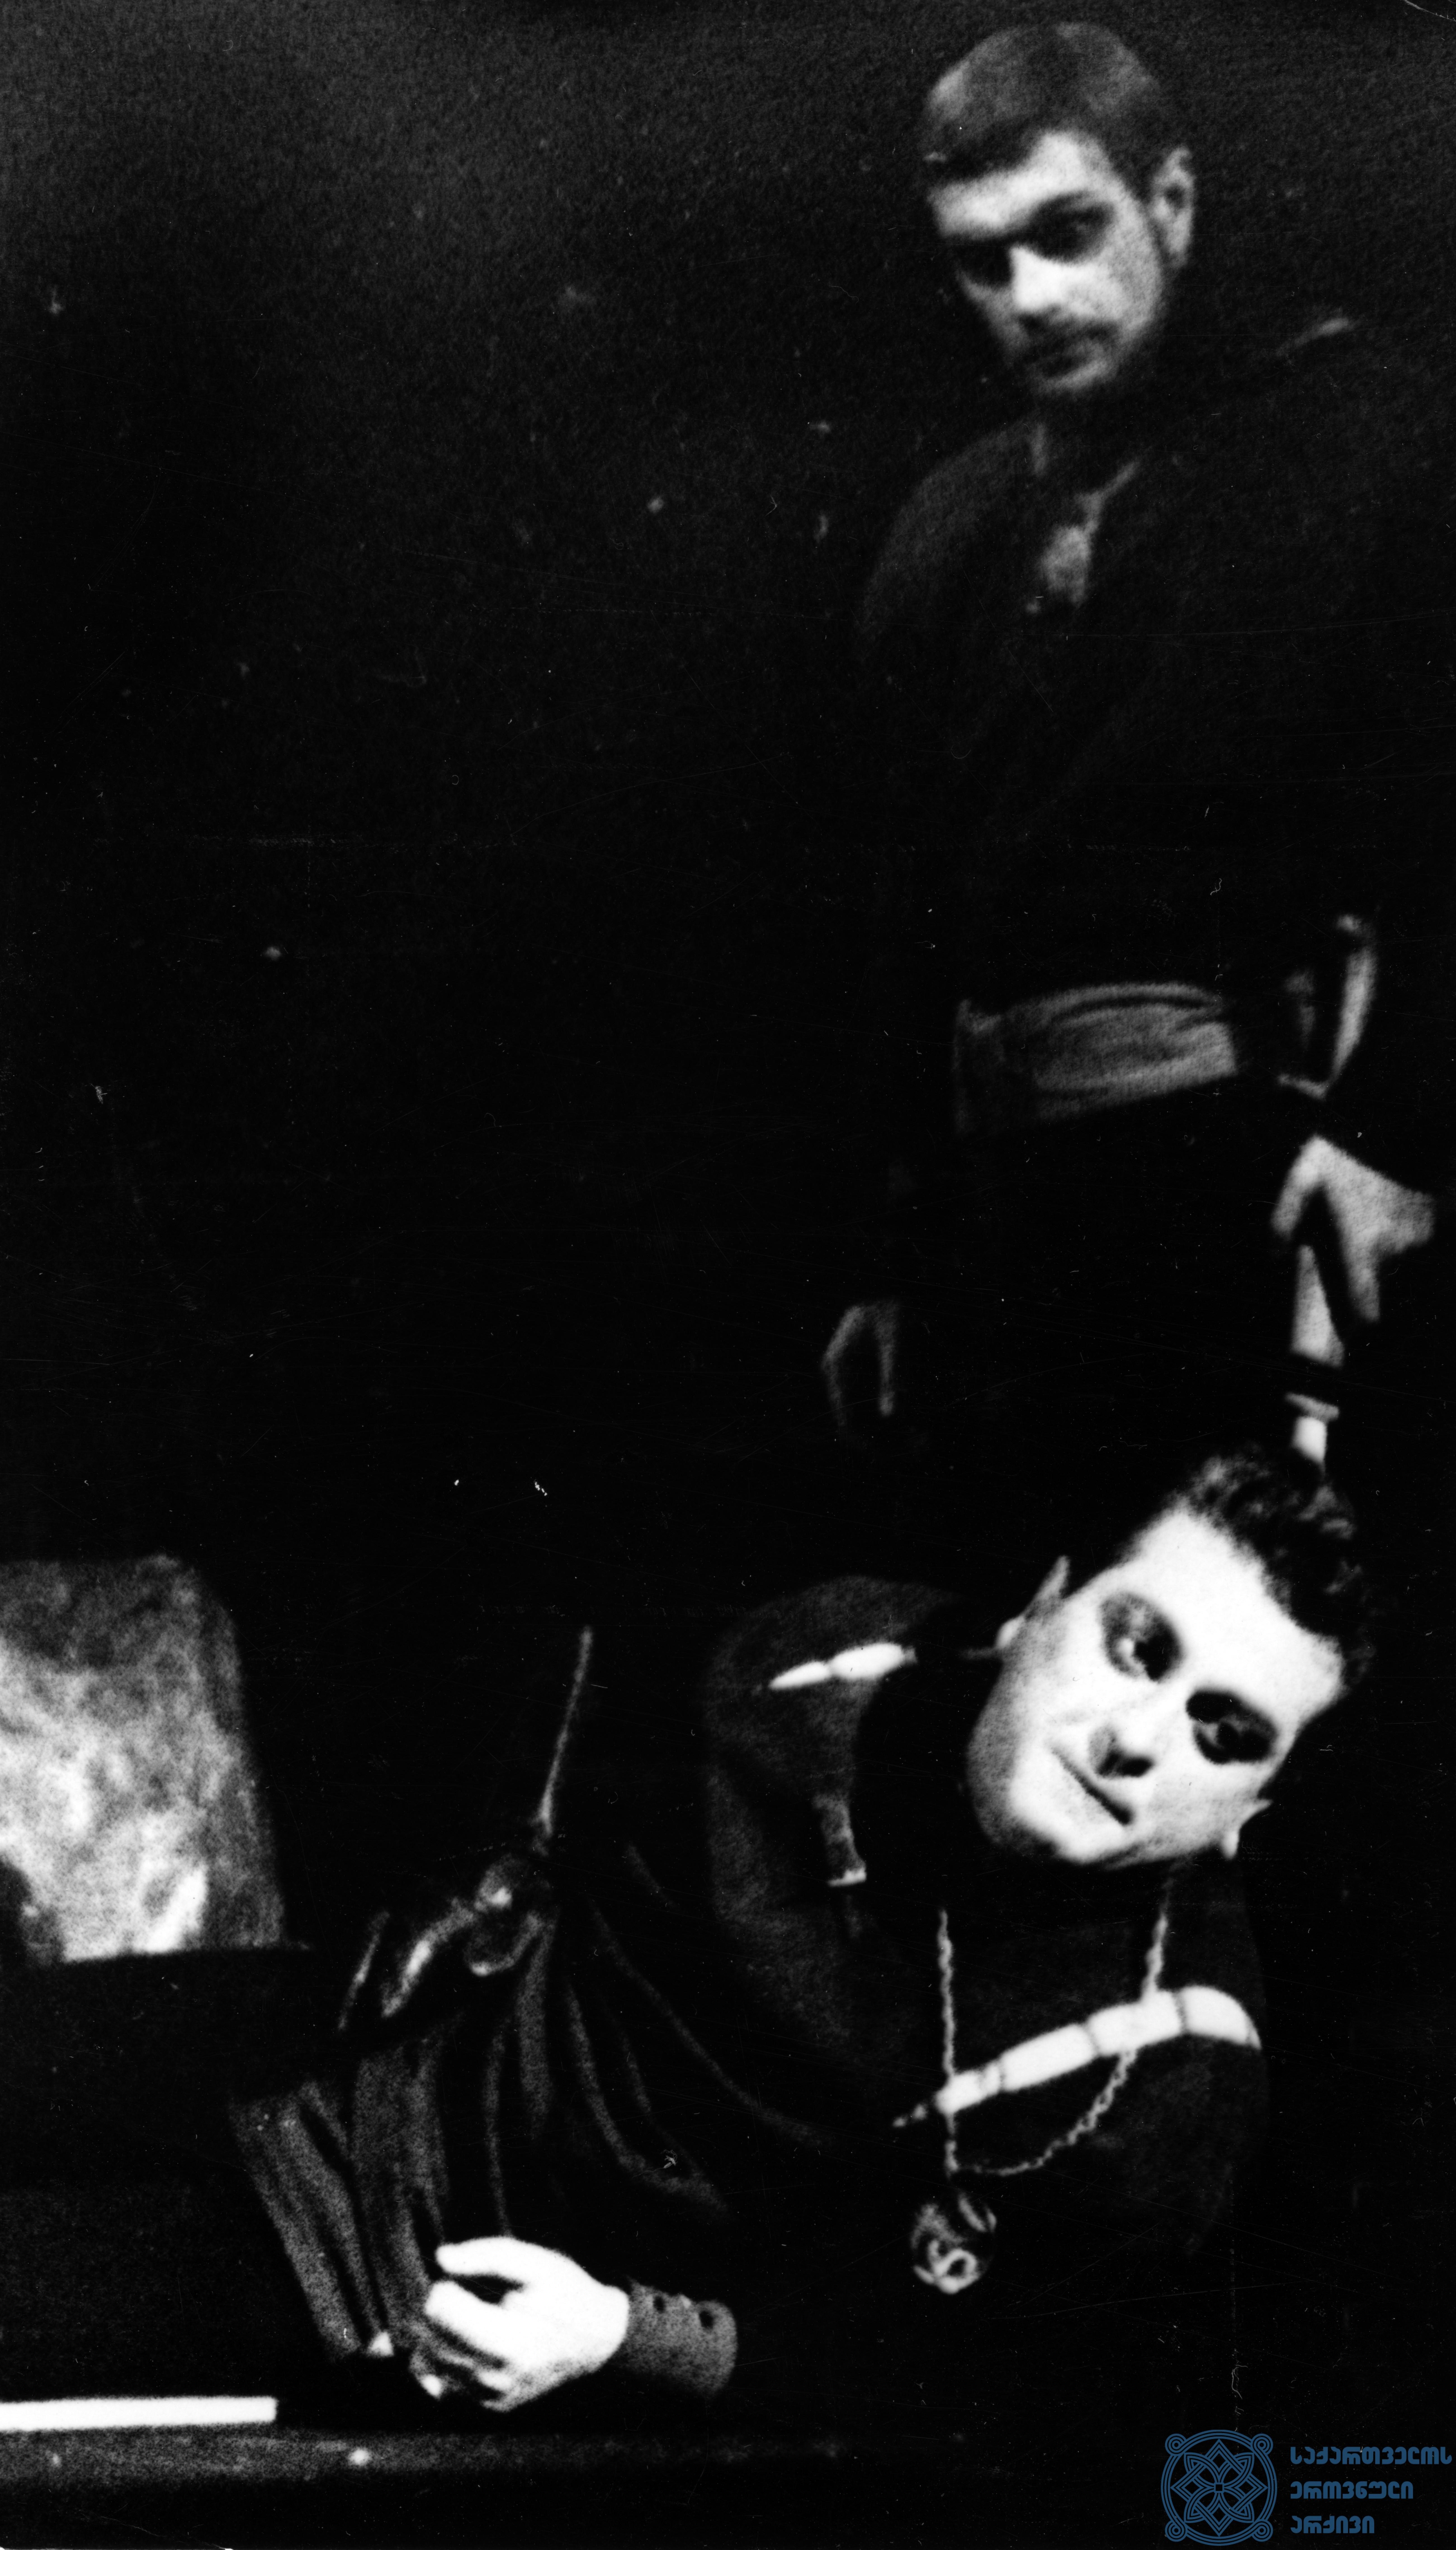 """რუსთაველის სახელობის აკადემიური თეატრის სპექტაკლი """"მეფე ლირი"""".  <br> ედმონტი – რამაზ ჩხიკვაძე.  <br> 1966 წელი.<br> The Rustaveli Academic Theater performance """"King Lear"""".<br> Ramaz Chkhikvadze as Edmont.<br> 1966."""